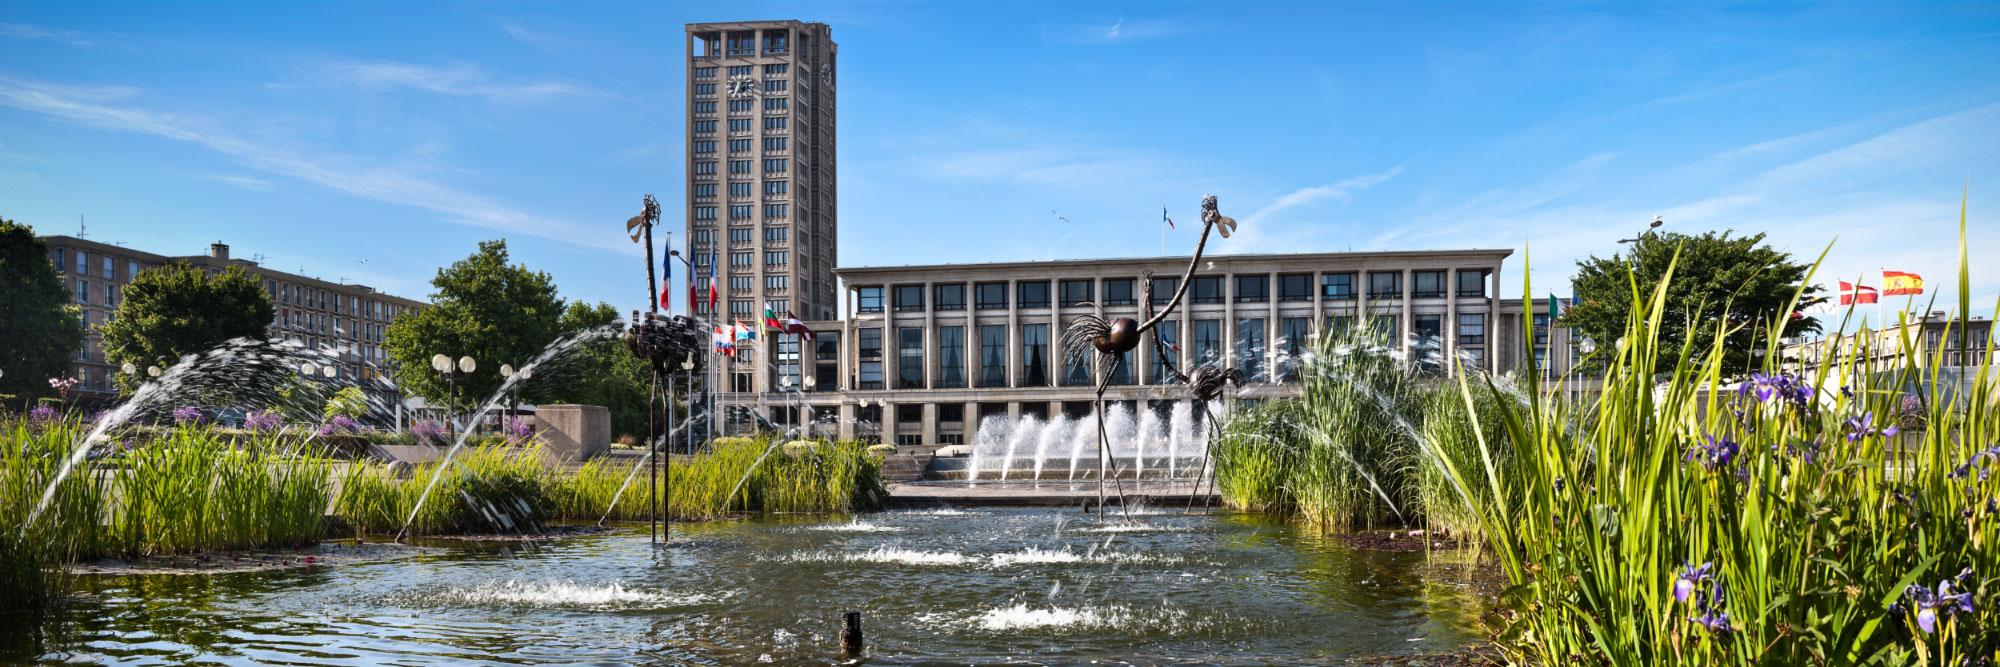 H tel de ville le havre seine maritime herve sentucq for Boutique hotel le havre